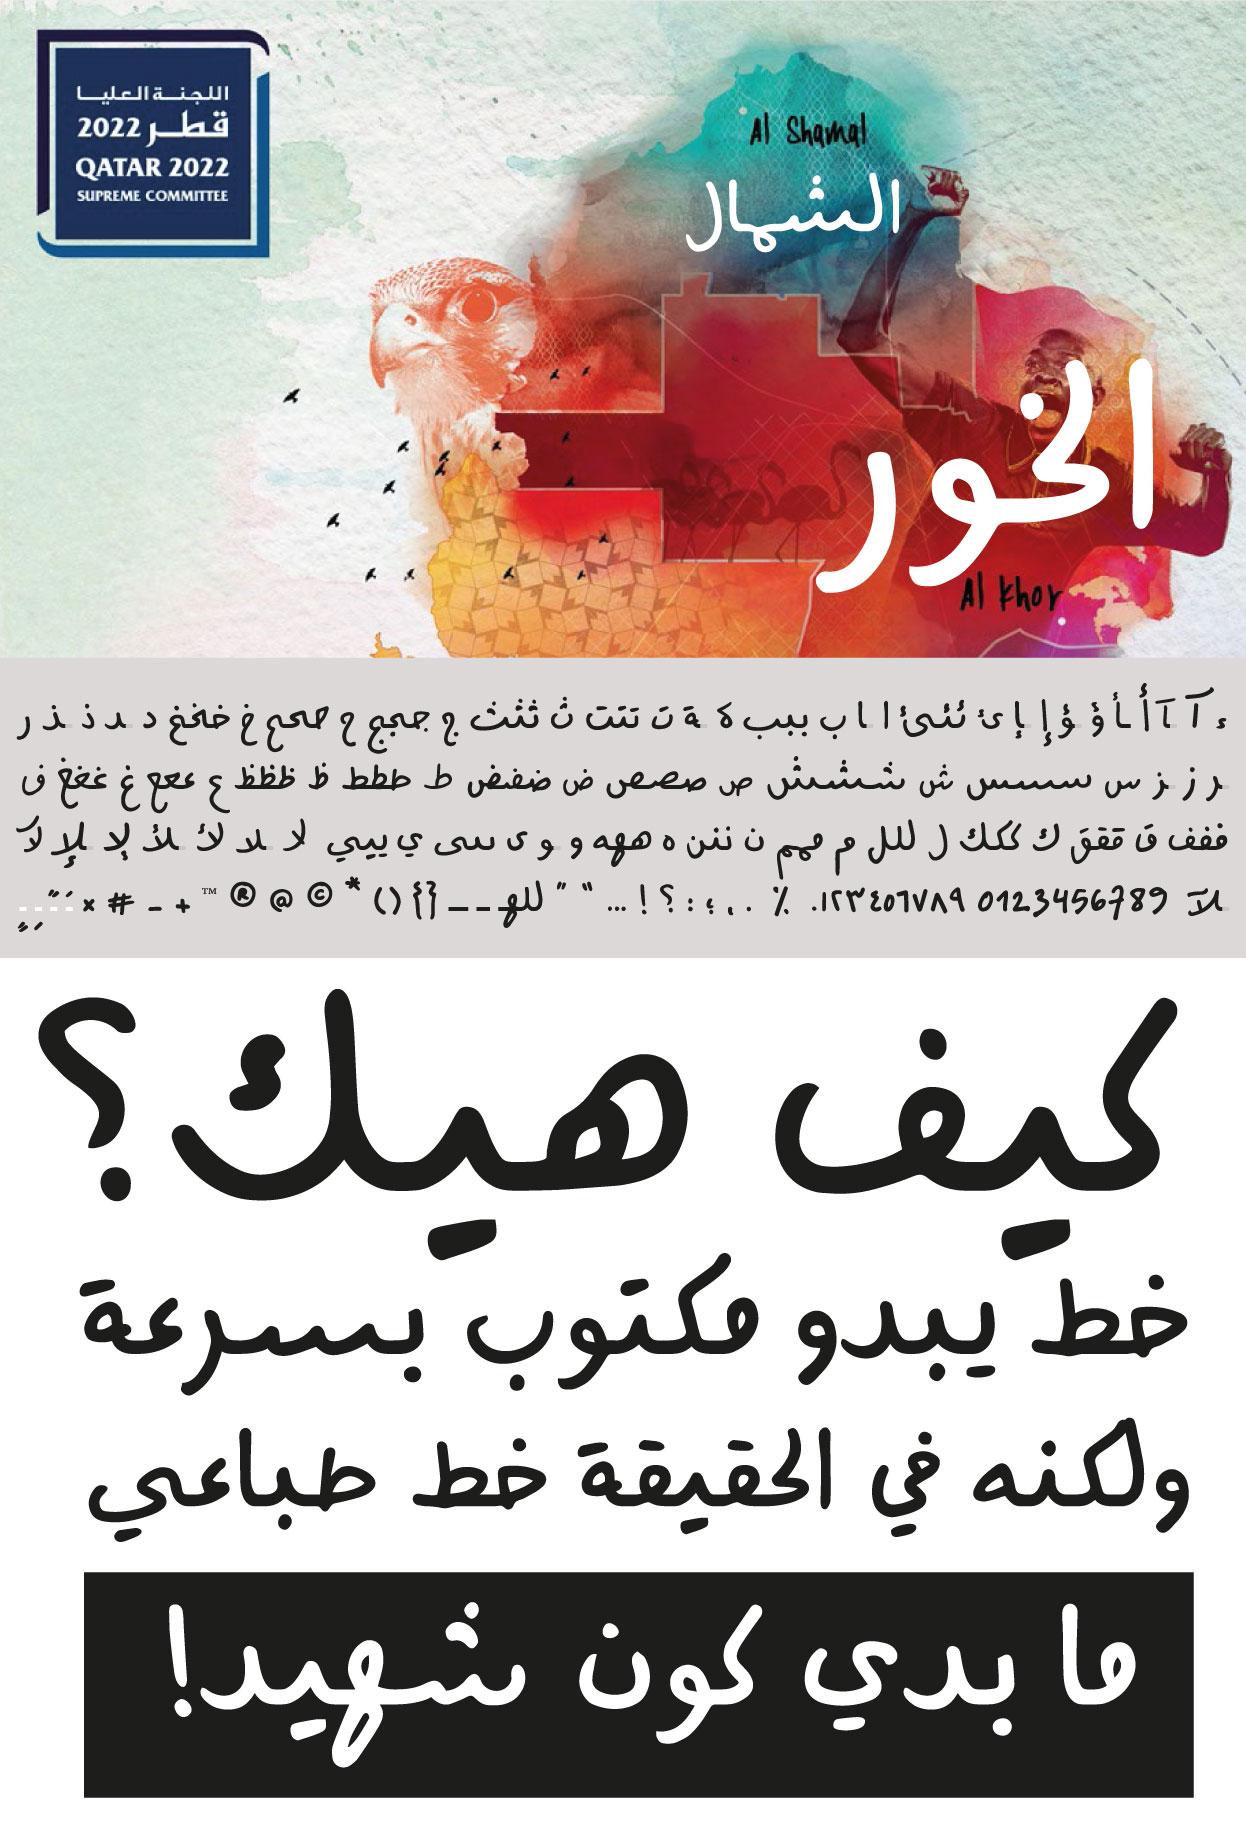 Arabic Handwritten Font - خط العربي المكتوب - About this font